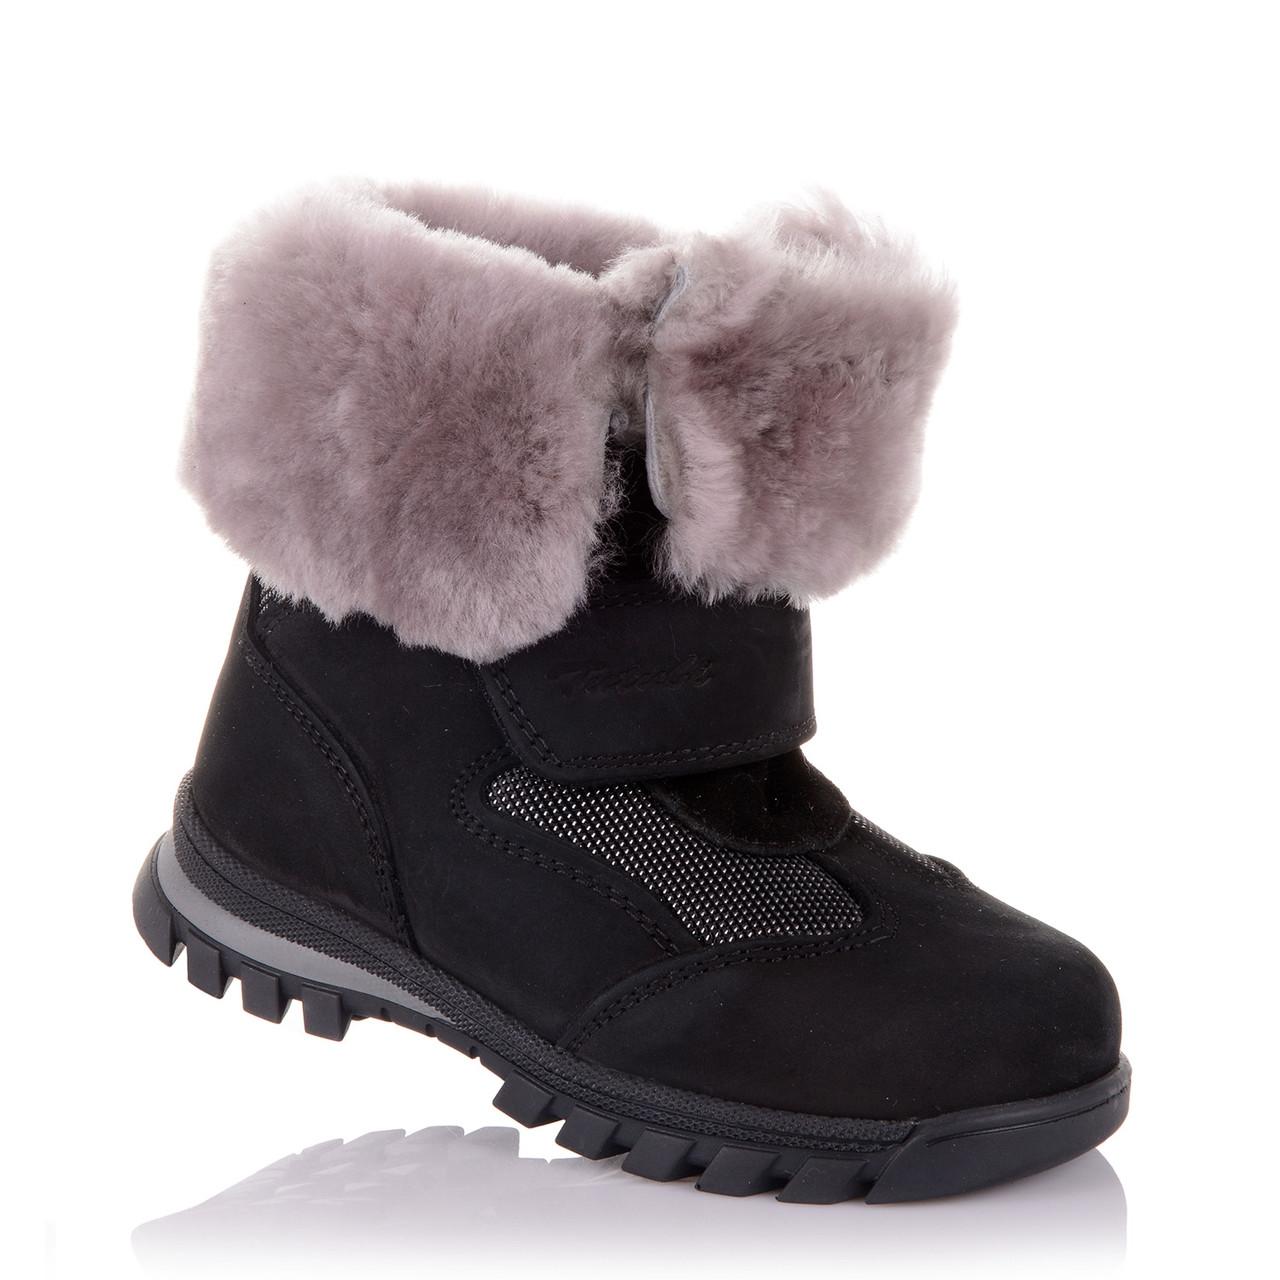 7a1254d4d Зимняя Обувь для Мальчиков Tutubi 11.4.245 (21-25) — в Категории ...